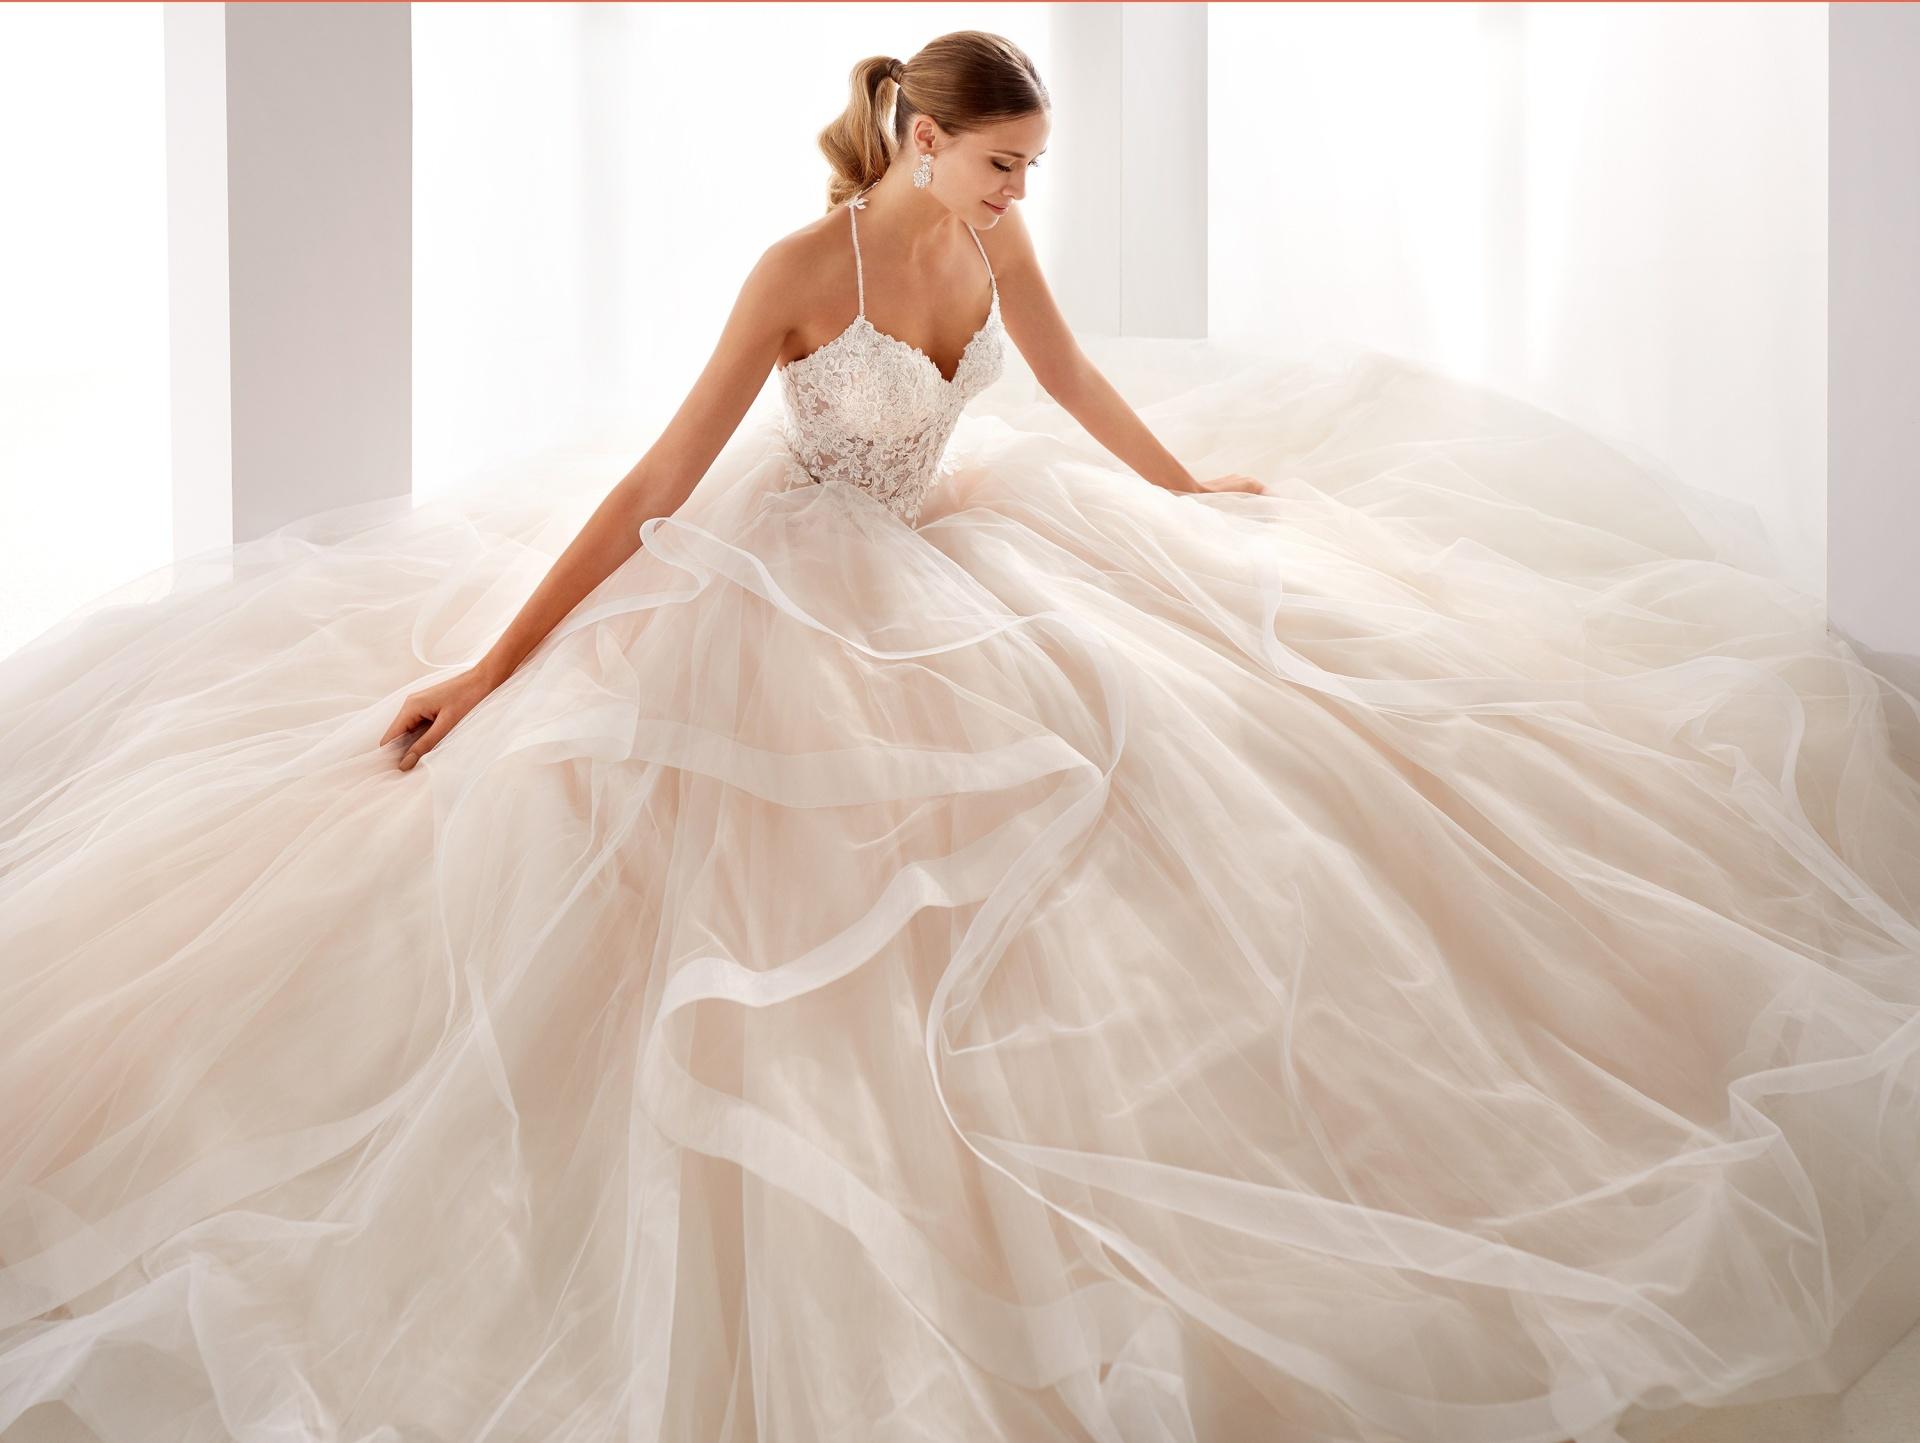 Brautkleider italienische hersteller